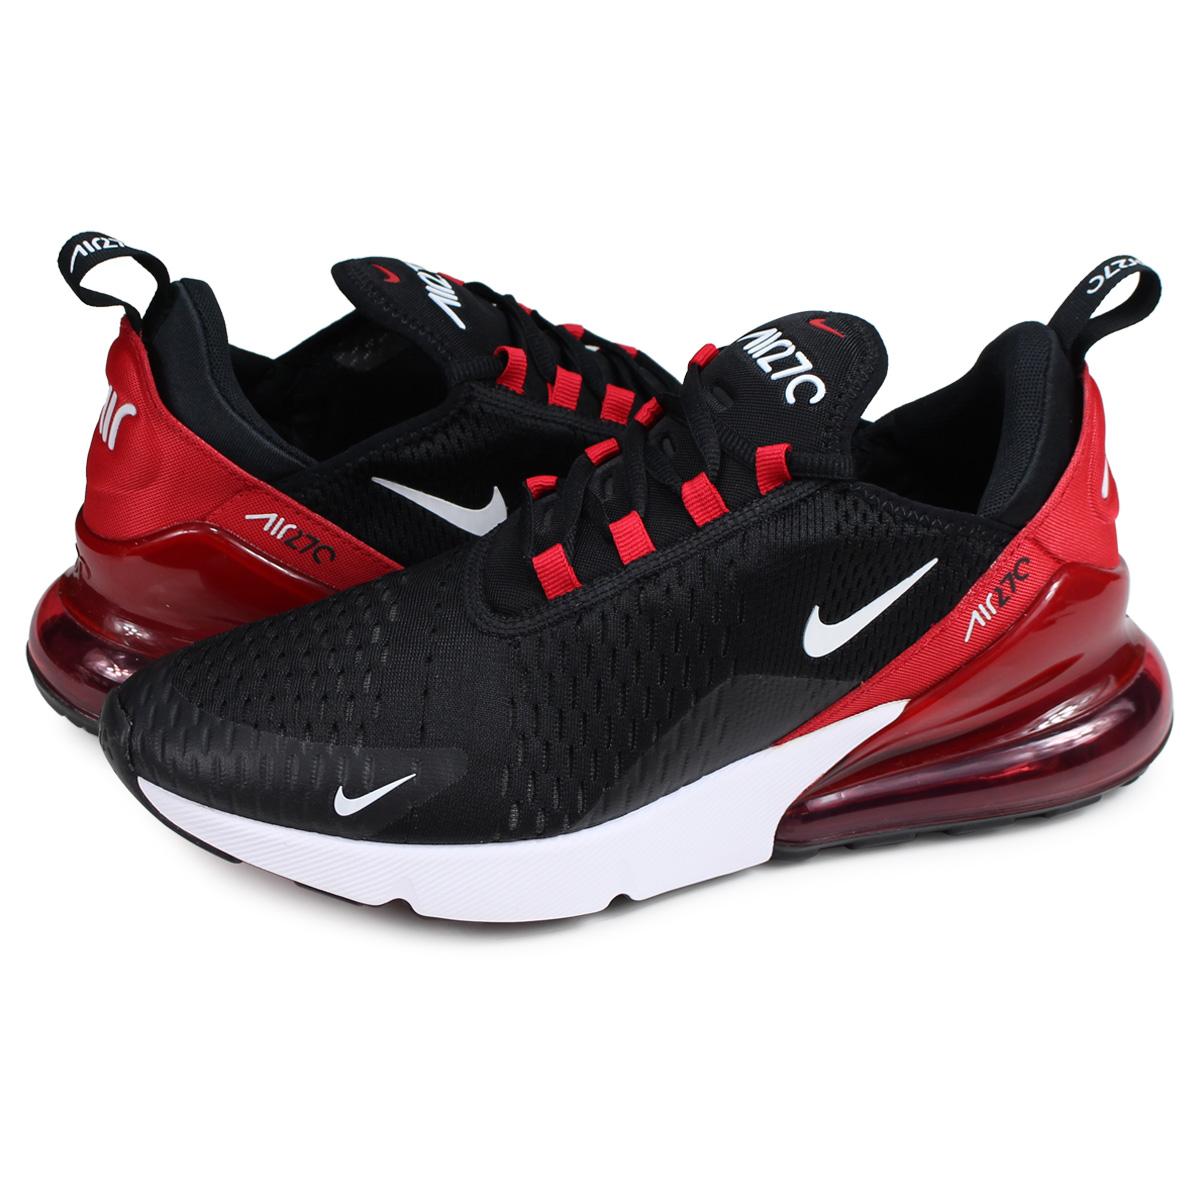 quality design 7ea93 dc876 Nike NIKE Air Max 270 sneakers men AIR MAX 270 black black AH8050-022 [196]